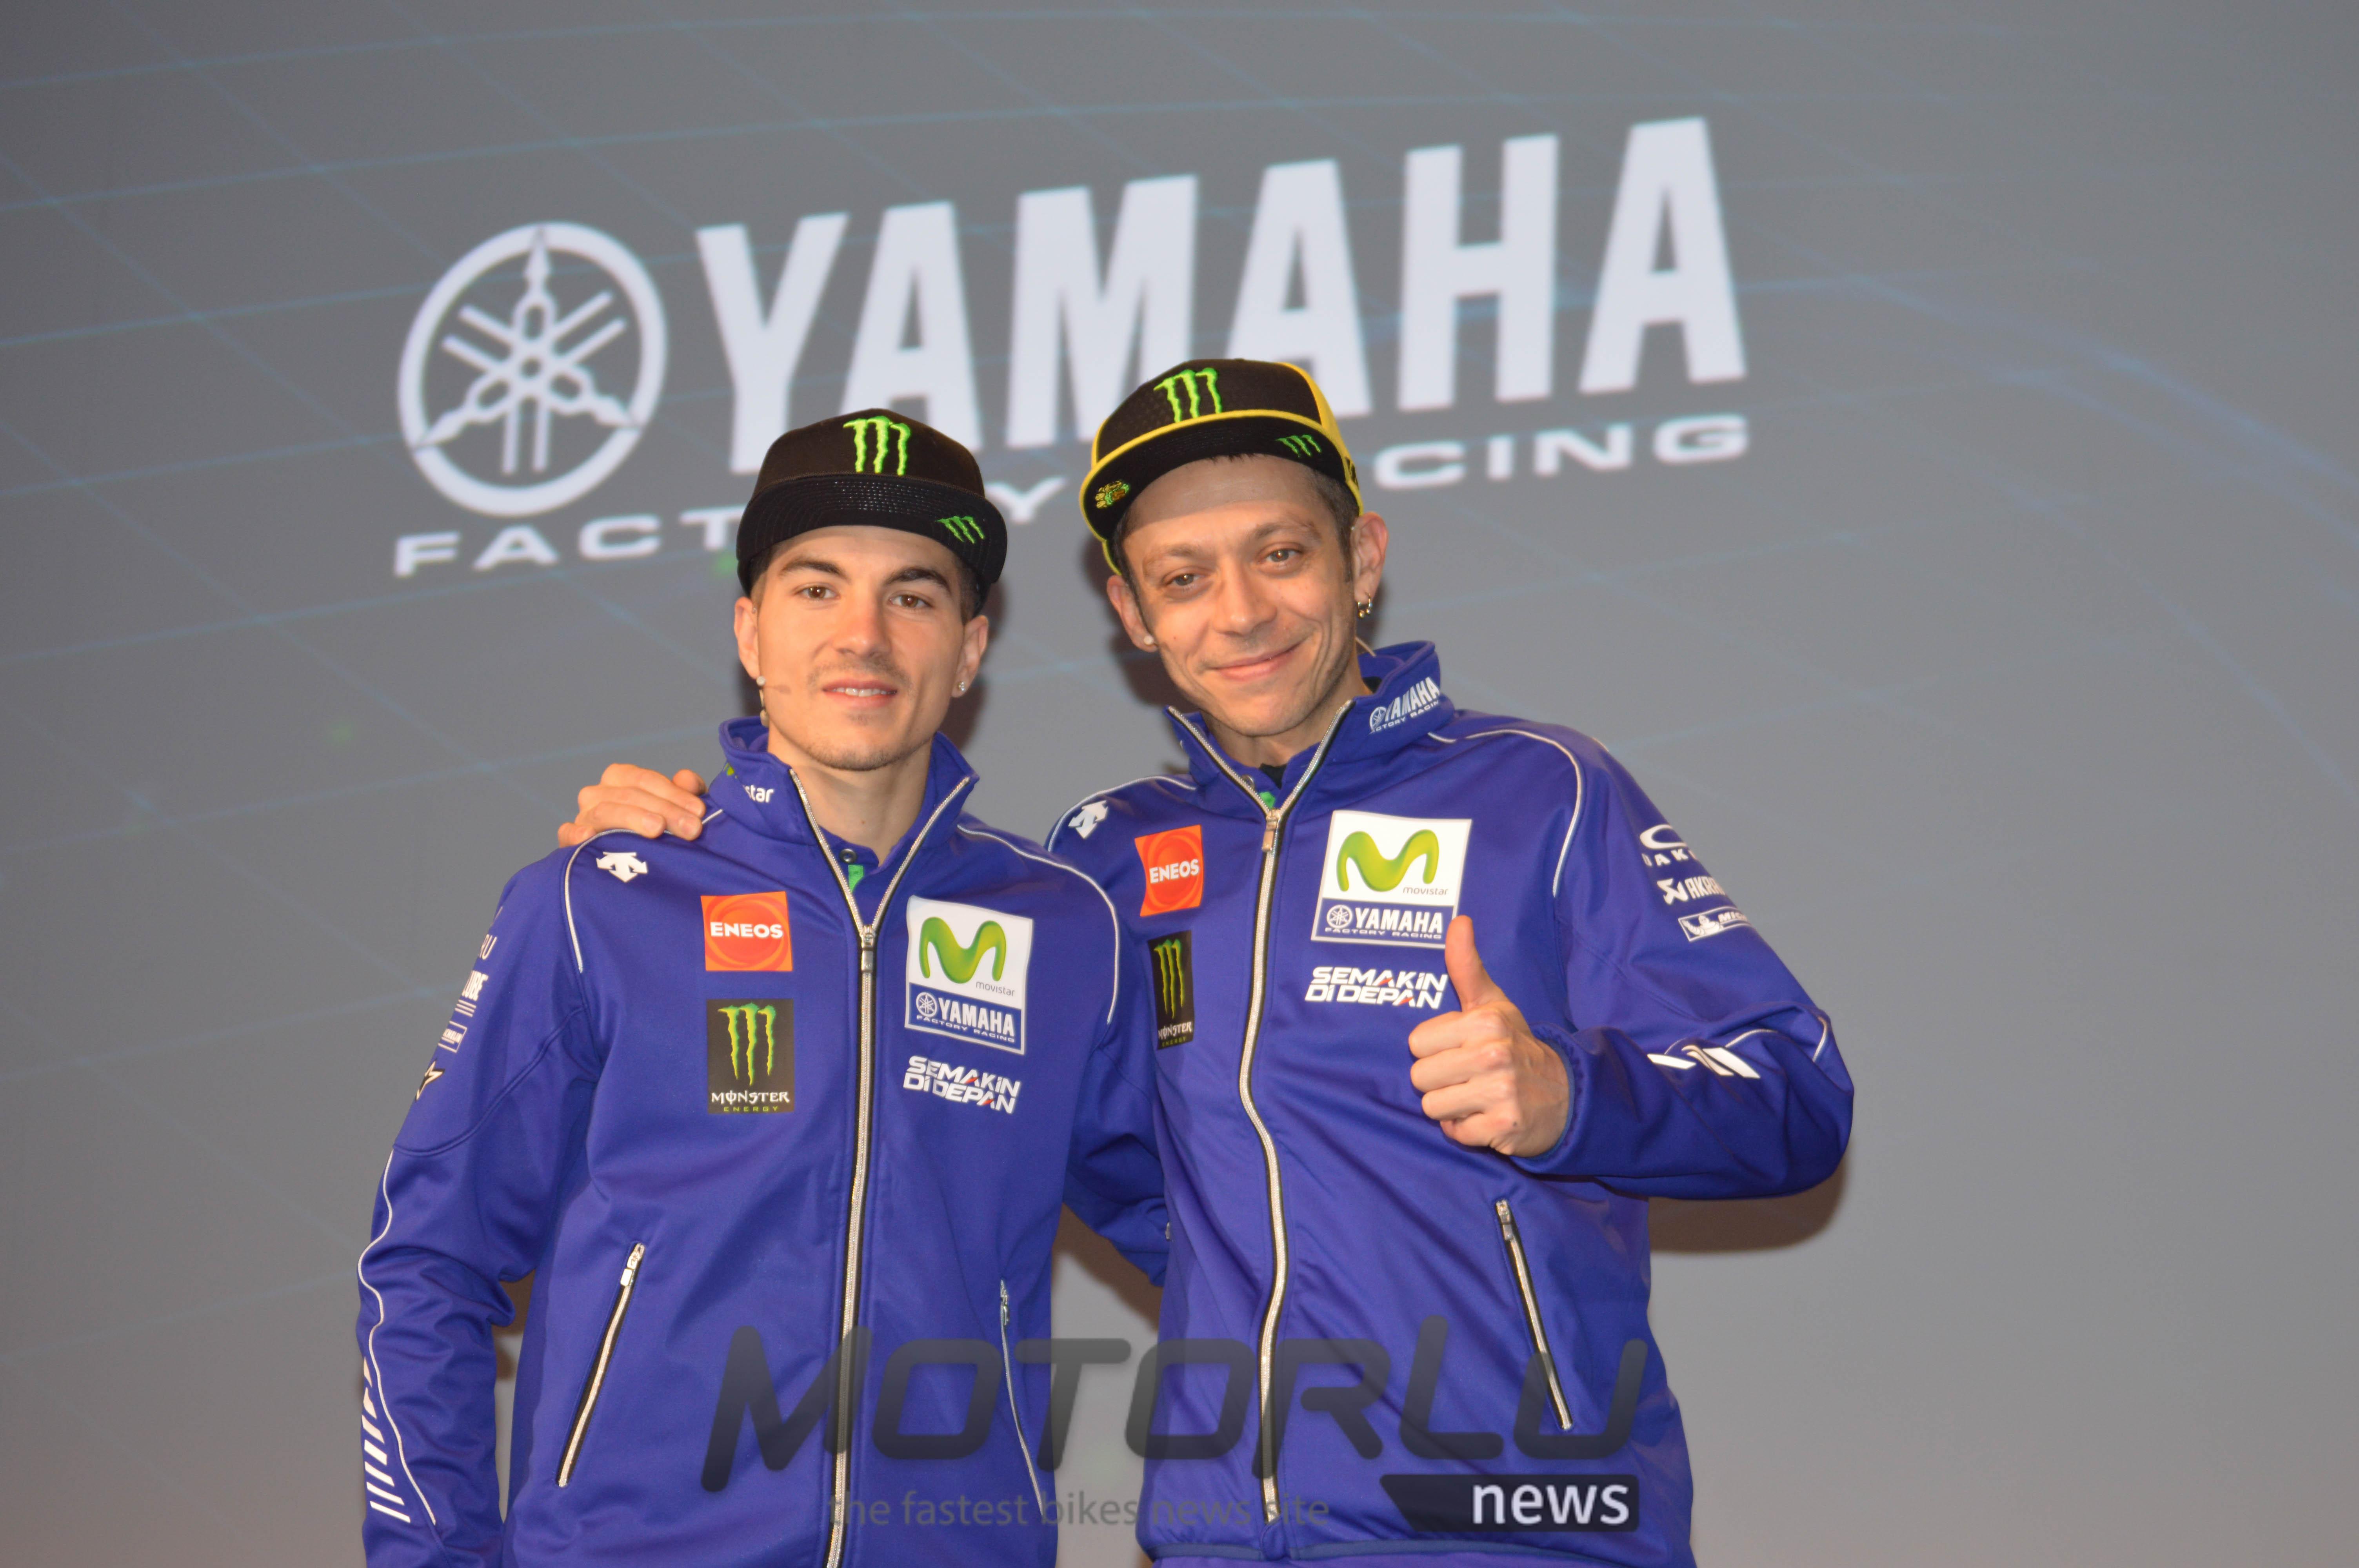 El Movistar Yamaha se presenta y presenta a Maverick